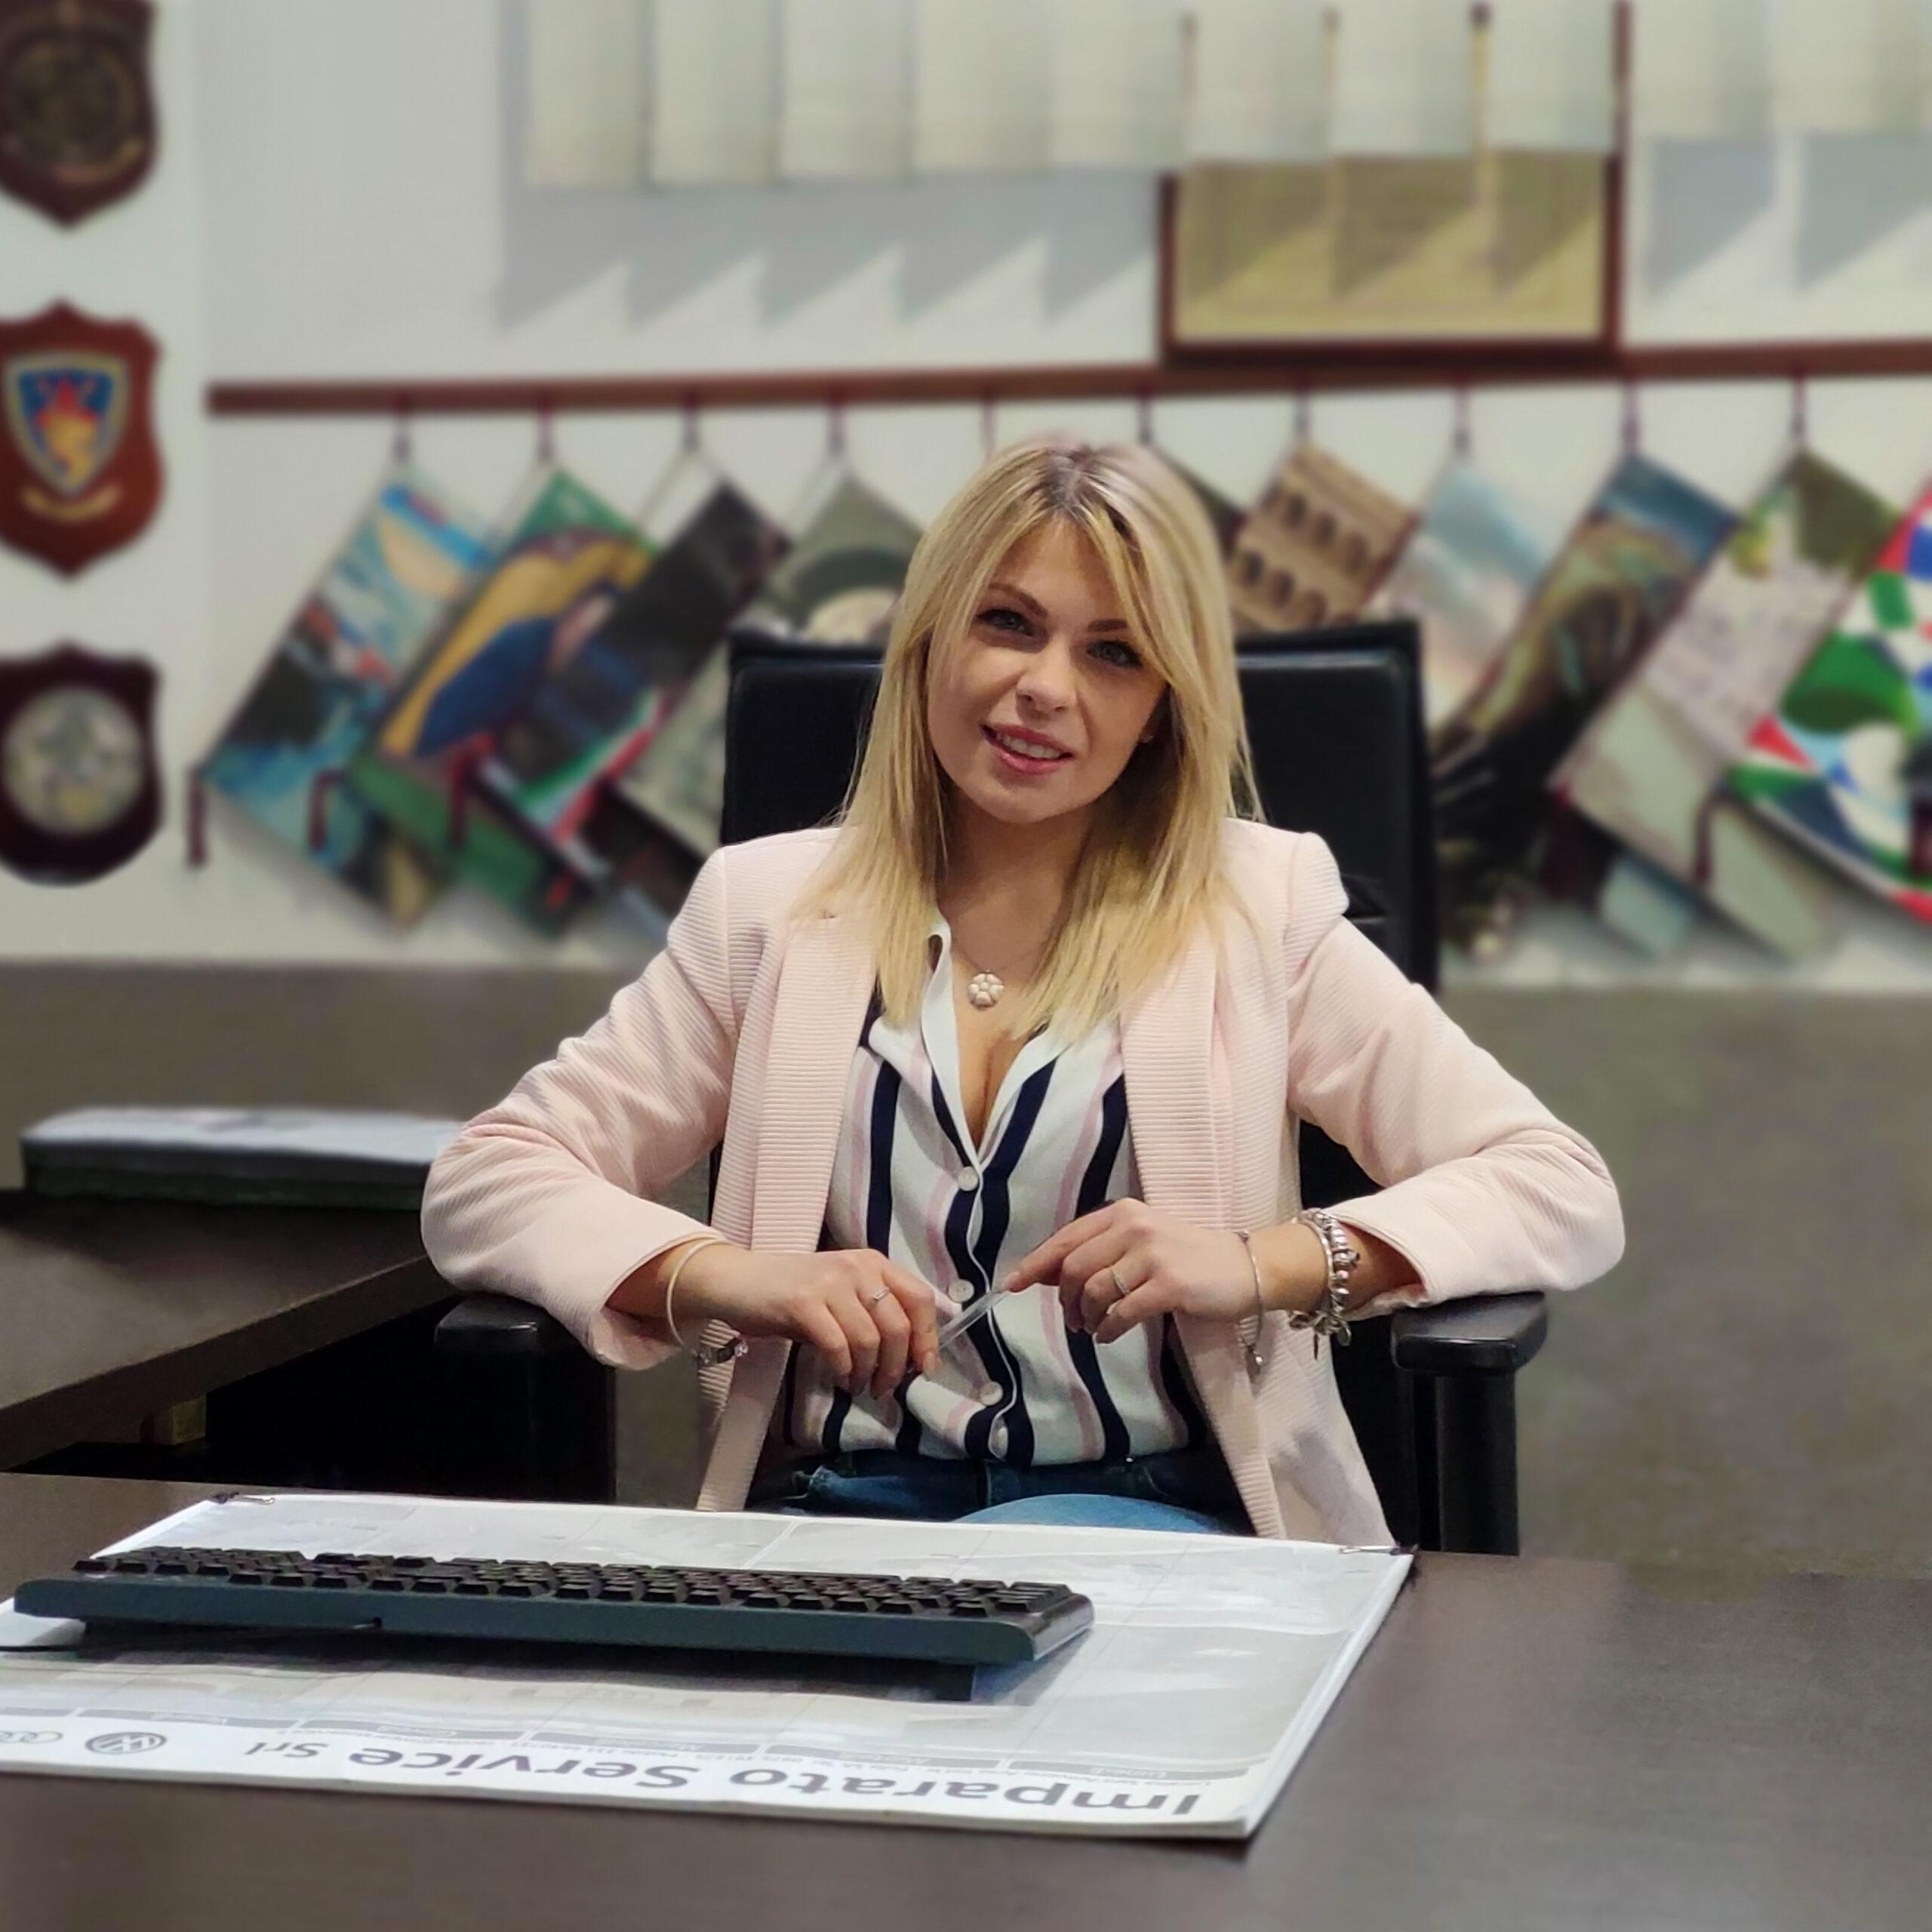 Donne & impresa, intervista a Michela Imparato